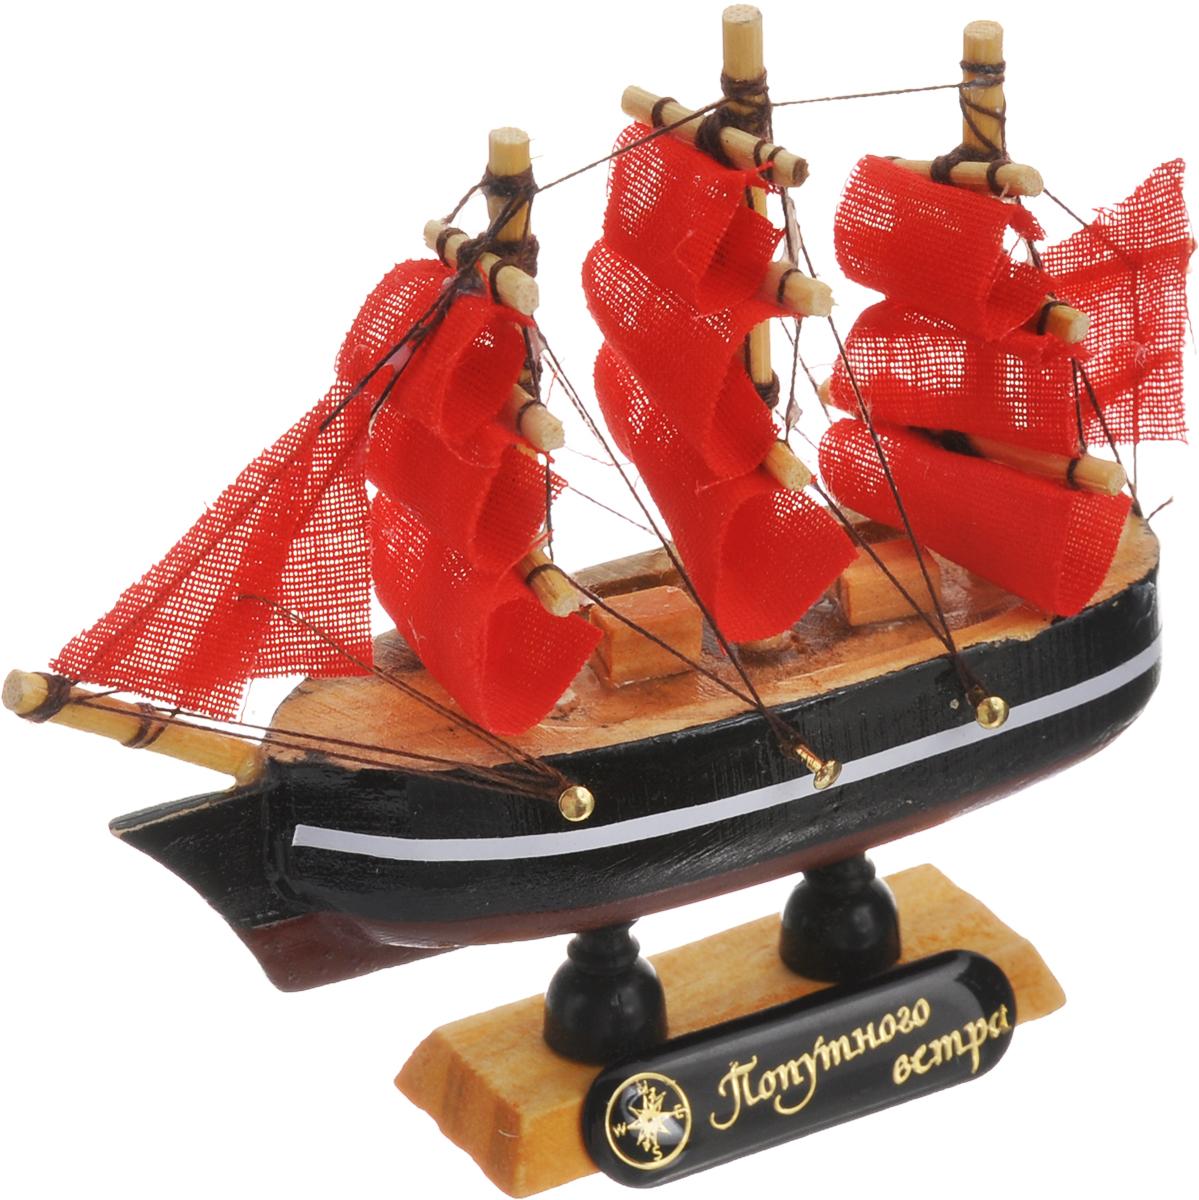 Корабль сувенирный Sima-land Попутного ветра, длина 10 см564160_красный, черныйСувенирный корабль Sima-land Попутного ветра, изготовленный из дерева и текстиля, это великолепный элемент декора рабочей зоны в офисе или кабинете. Корабль с парусами помещен на деревянную подставку. Время идет, и мы становимся свидетелями развития технического прогресса, новых учений и практик. Но одно не подвластно времени - это любовь человека к морю и кораблям. Сувенирный корабль наполнен историей и силой океанских вод. Данная модель кораблика станет отличным подарком для всех любителей морей, поклонников историй о покорении океанов и неизведанных земель. Модель корабля - подарок со смыслом. Издавна на Руси считалось, что корабли приносят удачу и везение. Поэтому их изображения, фигурки и точные копии всегда присутствовали в помещениях. Удивите себя и своих близких необычным презентом.